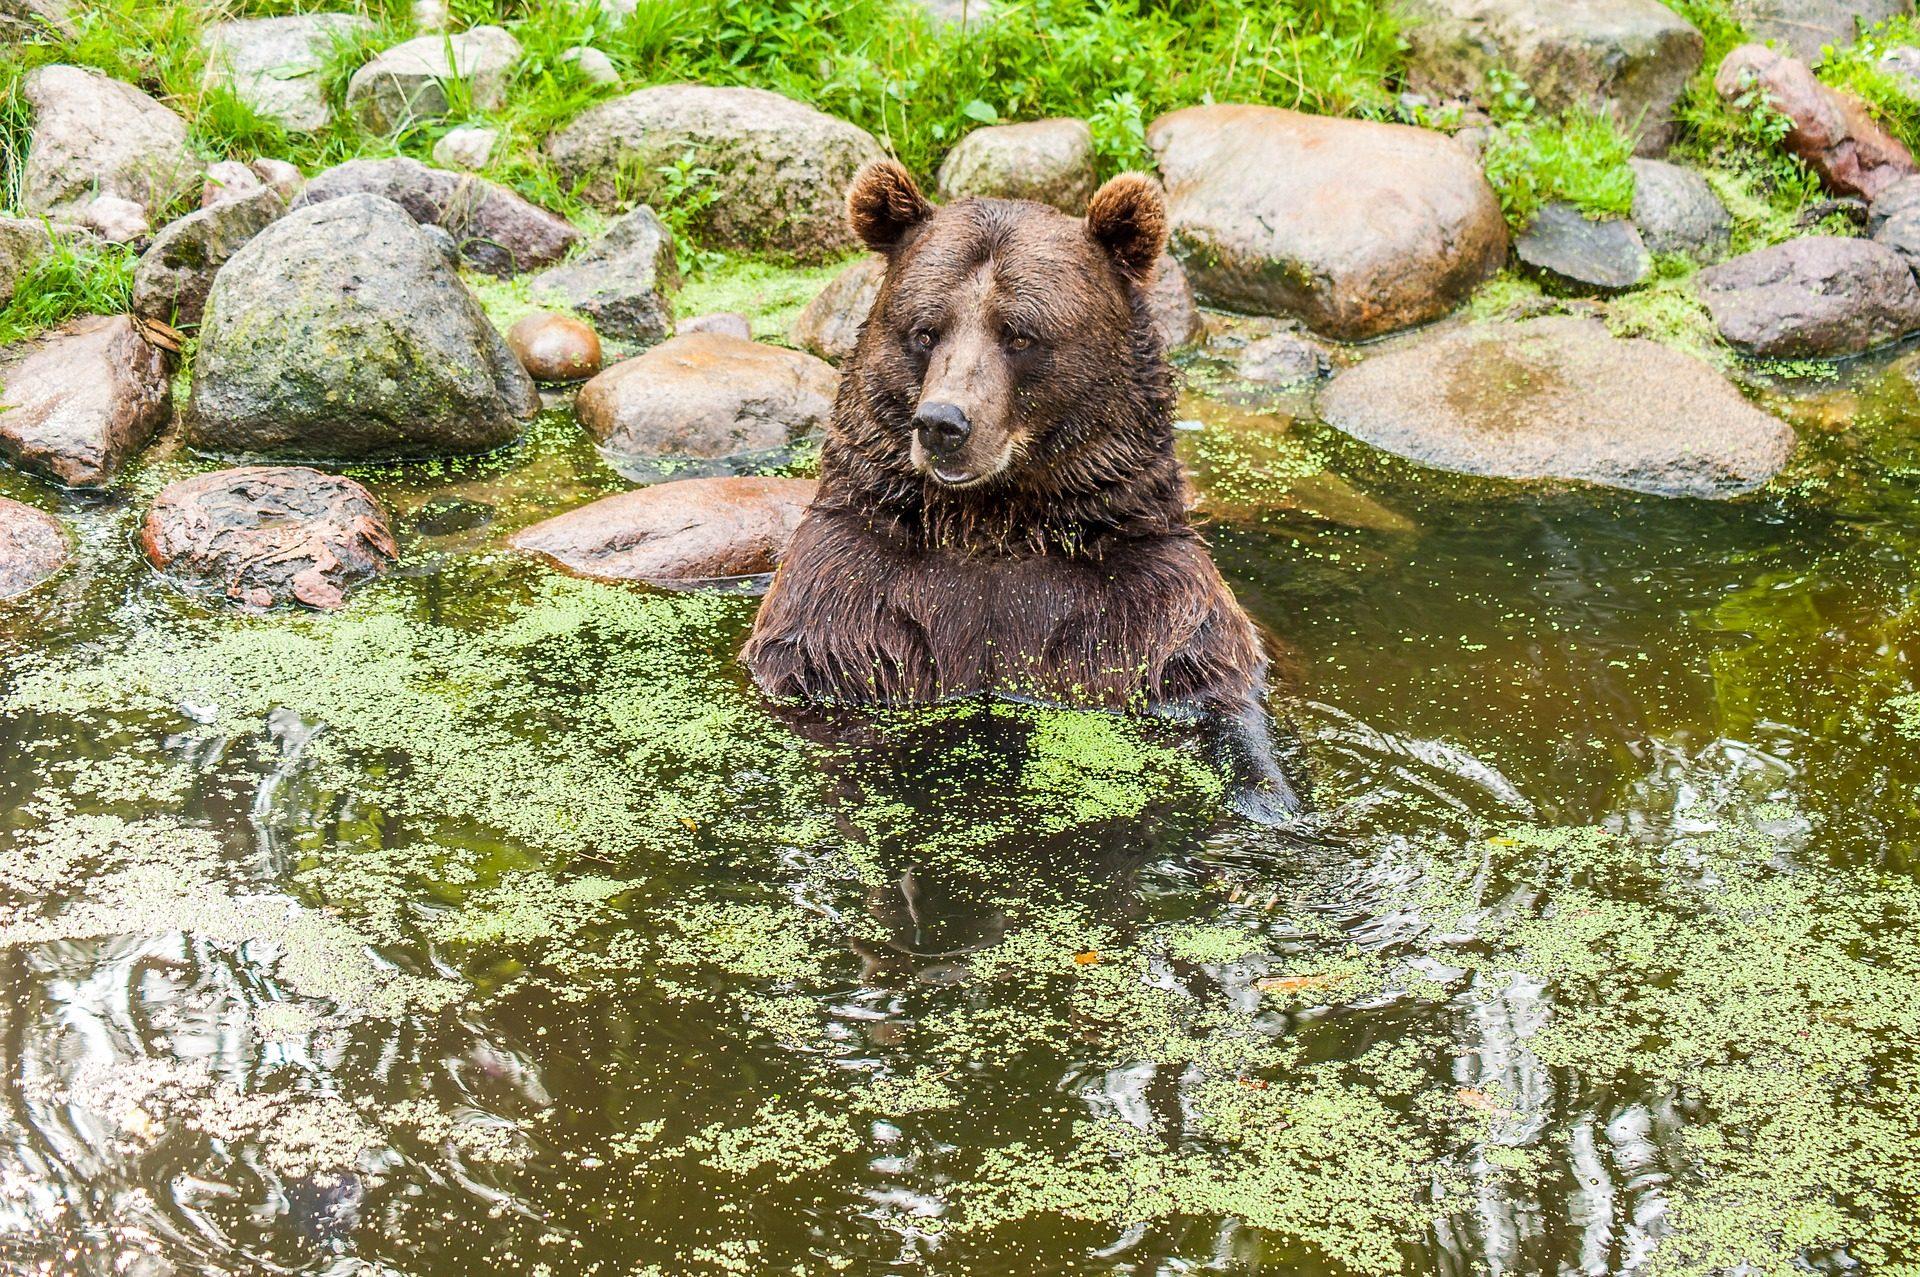 urso, casa de banho, charca, pedras, algas, vegetación, Relaxe - Papéis de parede HD - Professor-falken.com